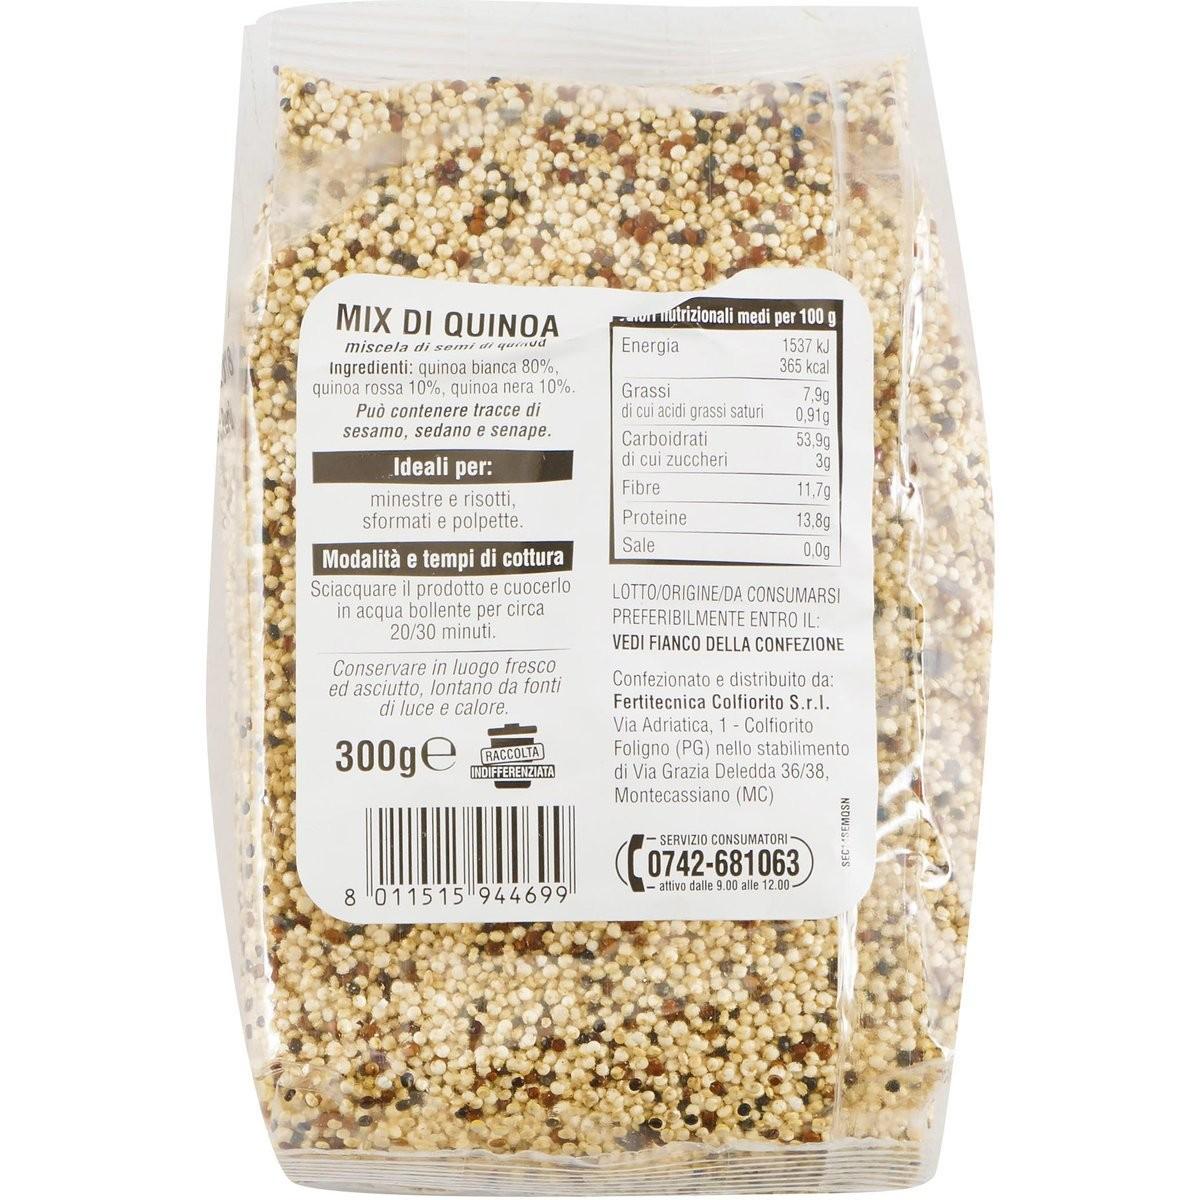 Mix di quinoa